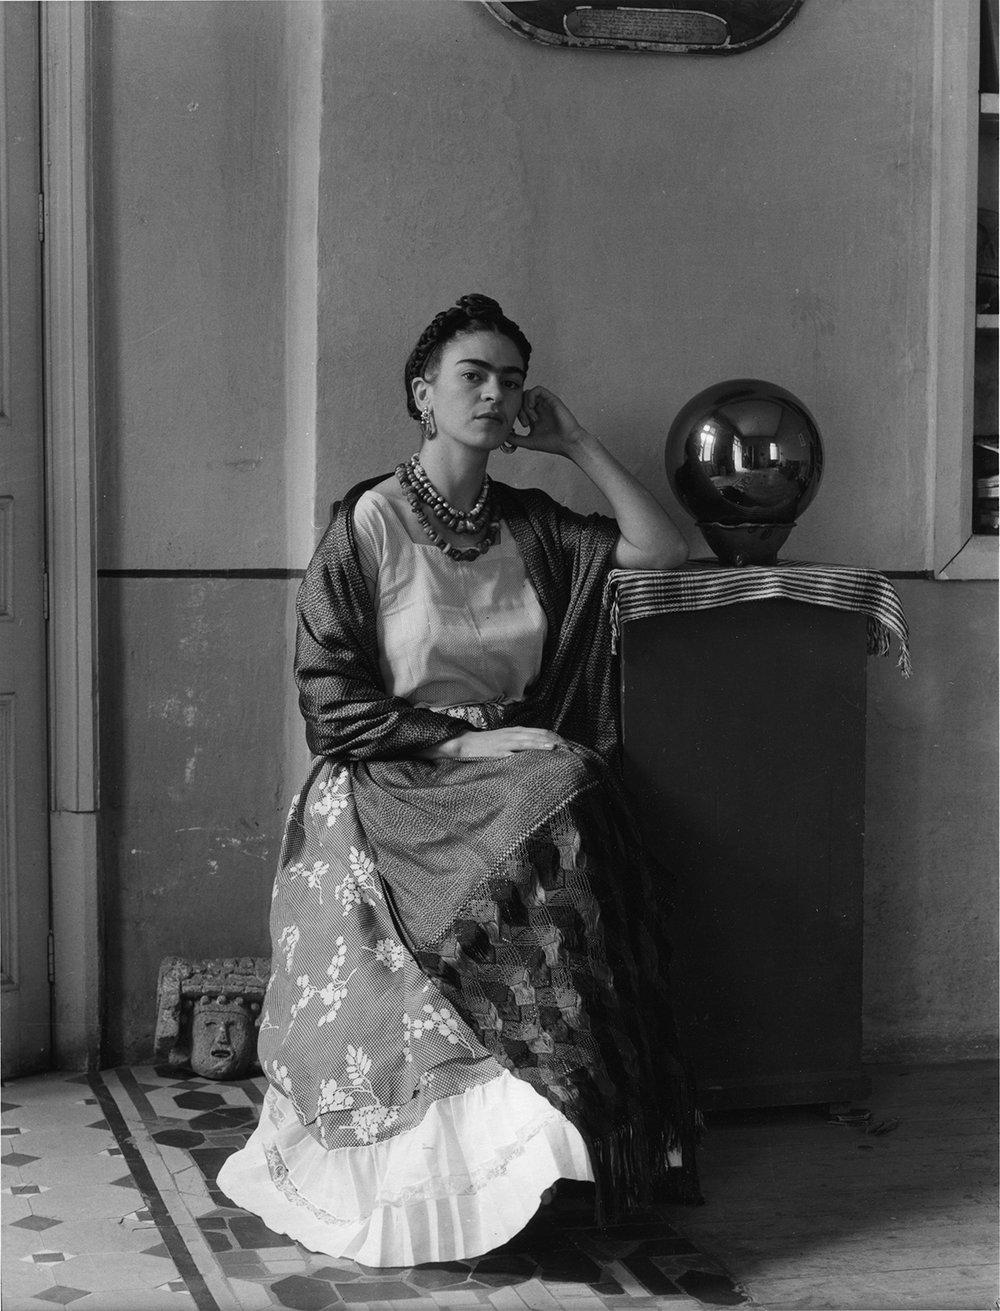 Manuel Alvarez Bravo  Frida Kahlo con globo, Coyoacán, México , 1938 10 x 8 inches Silver Gelatin Print